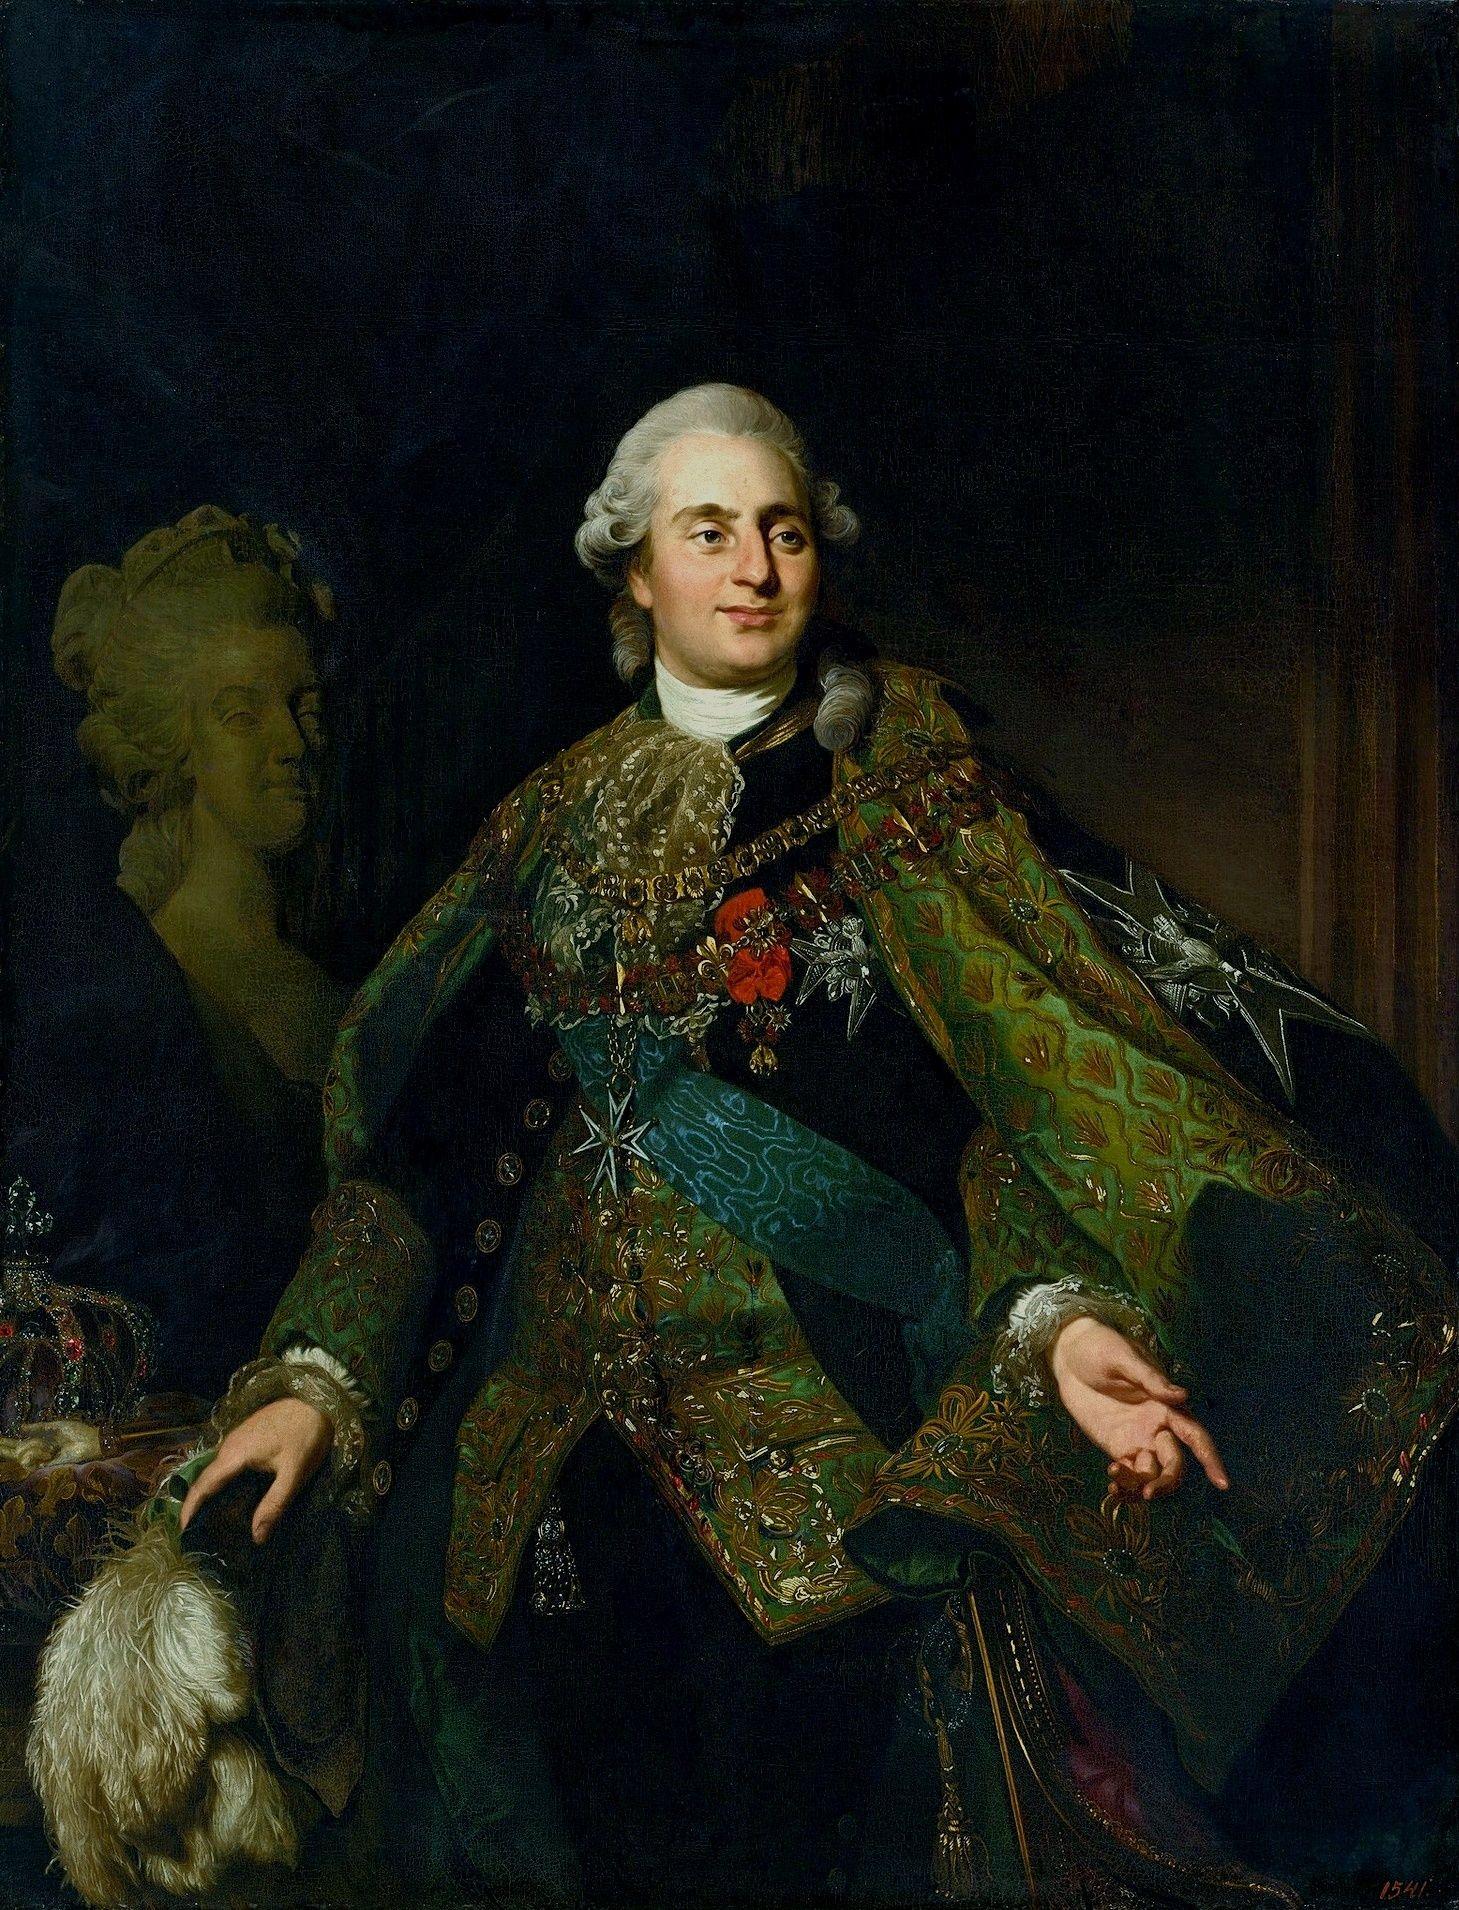 لويس السادس عشر: آخر ملوك فرنسا - أنا أصدق العلم